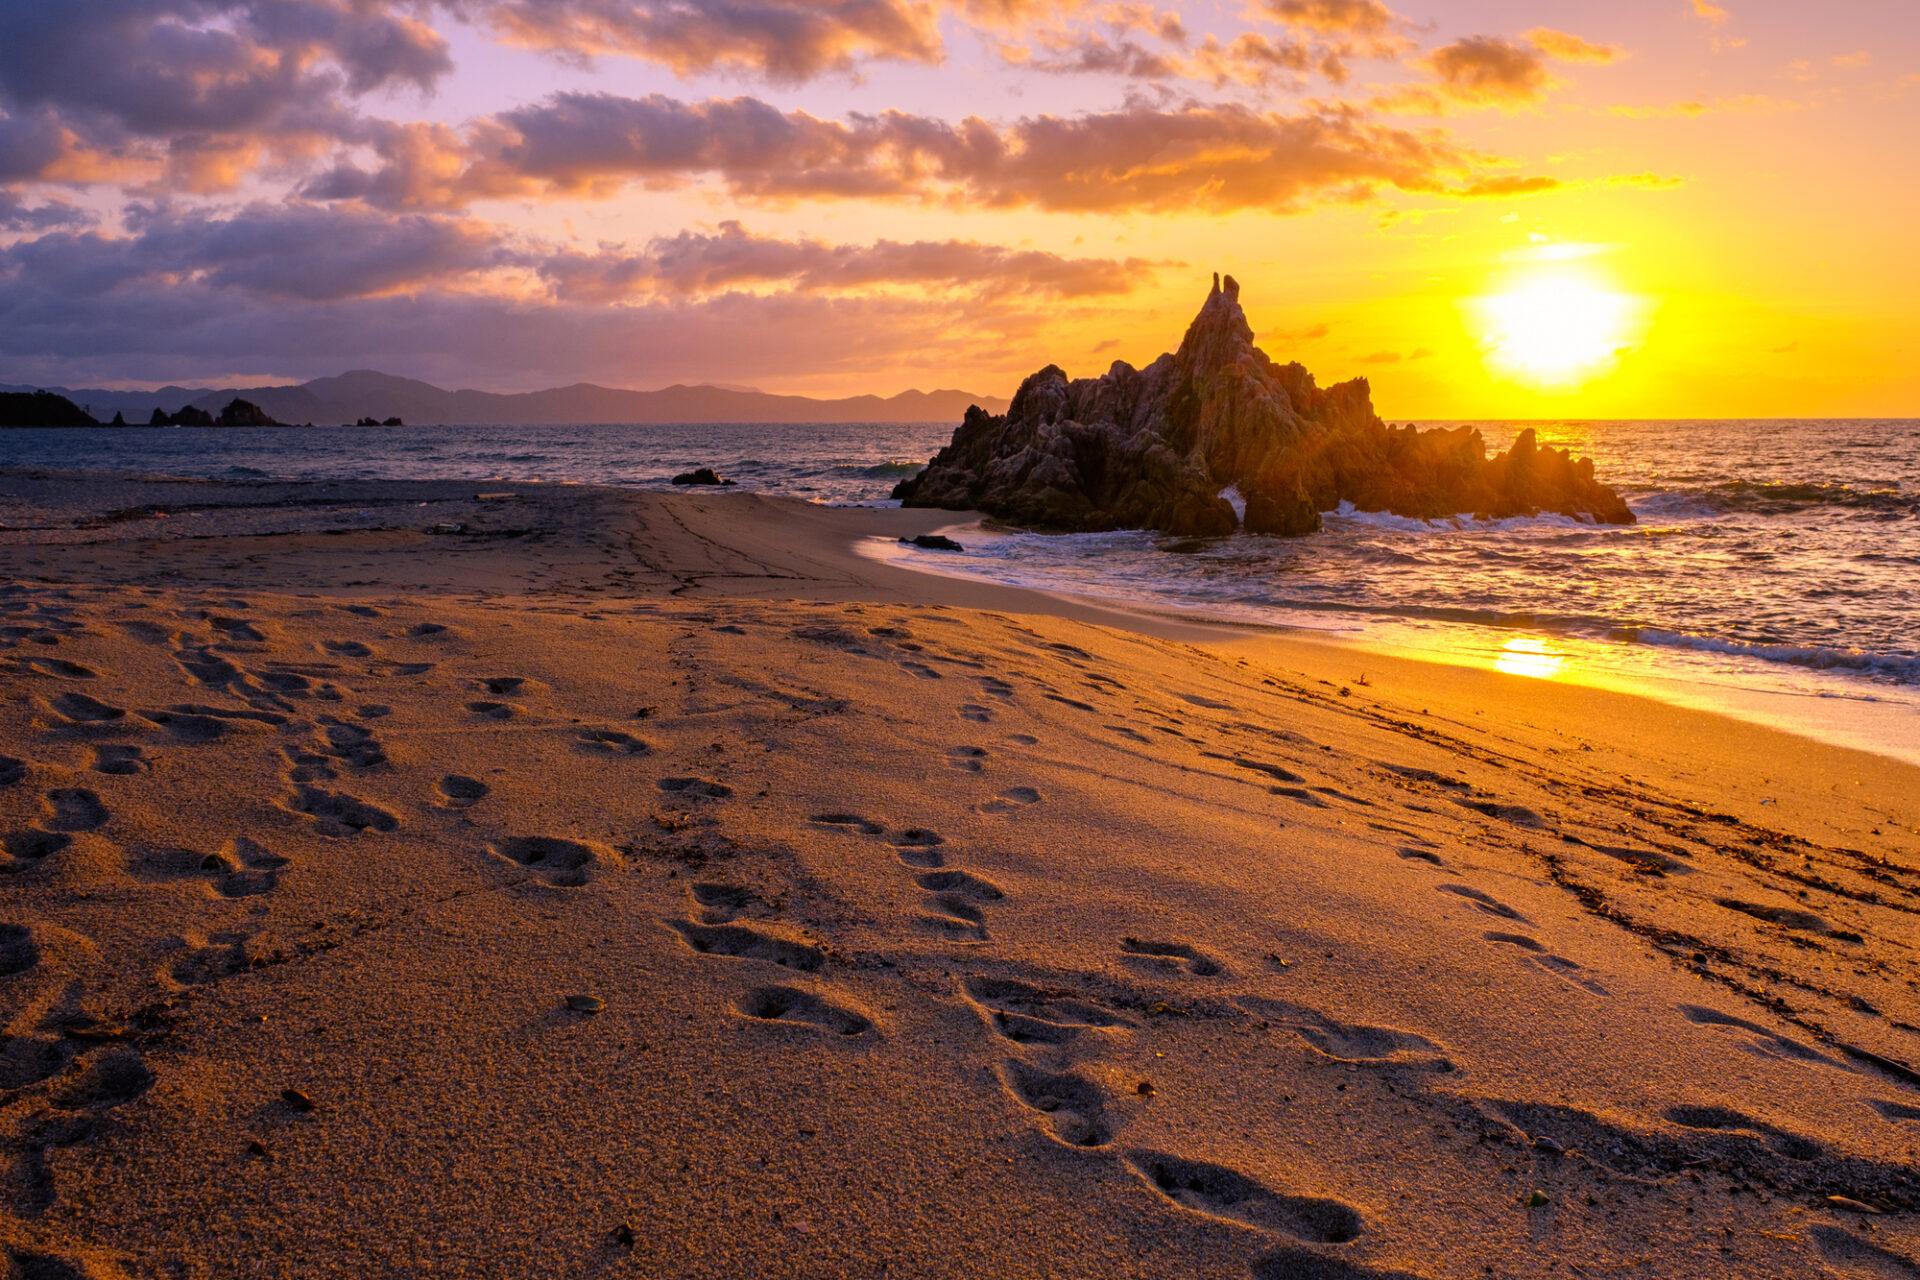 砂浜と夕焼け、そして浅瀬の岩場